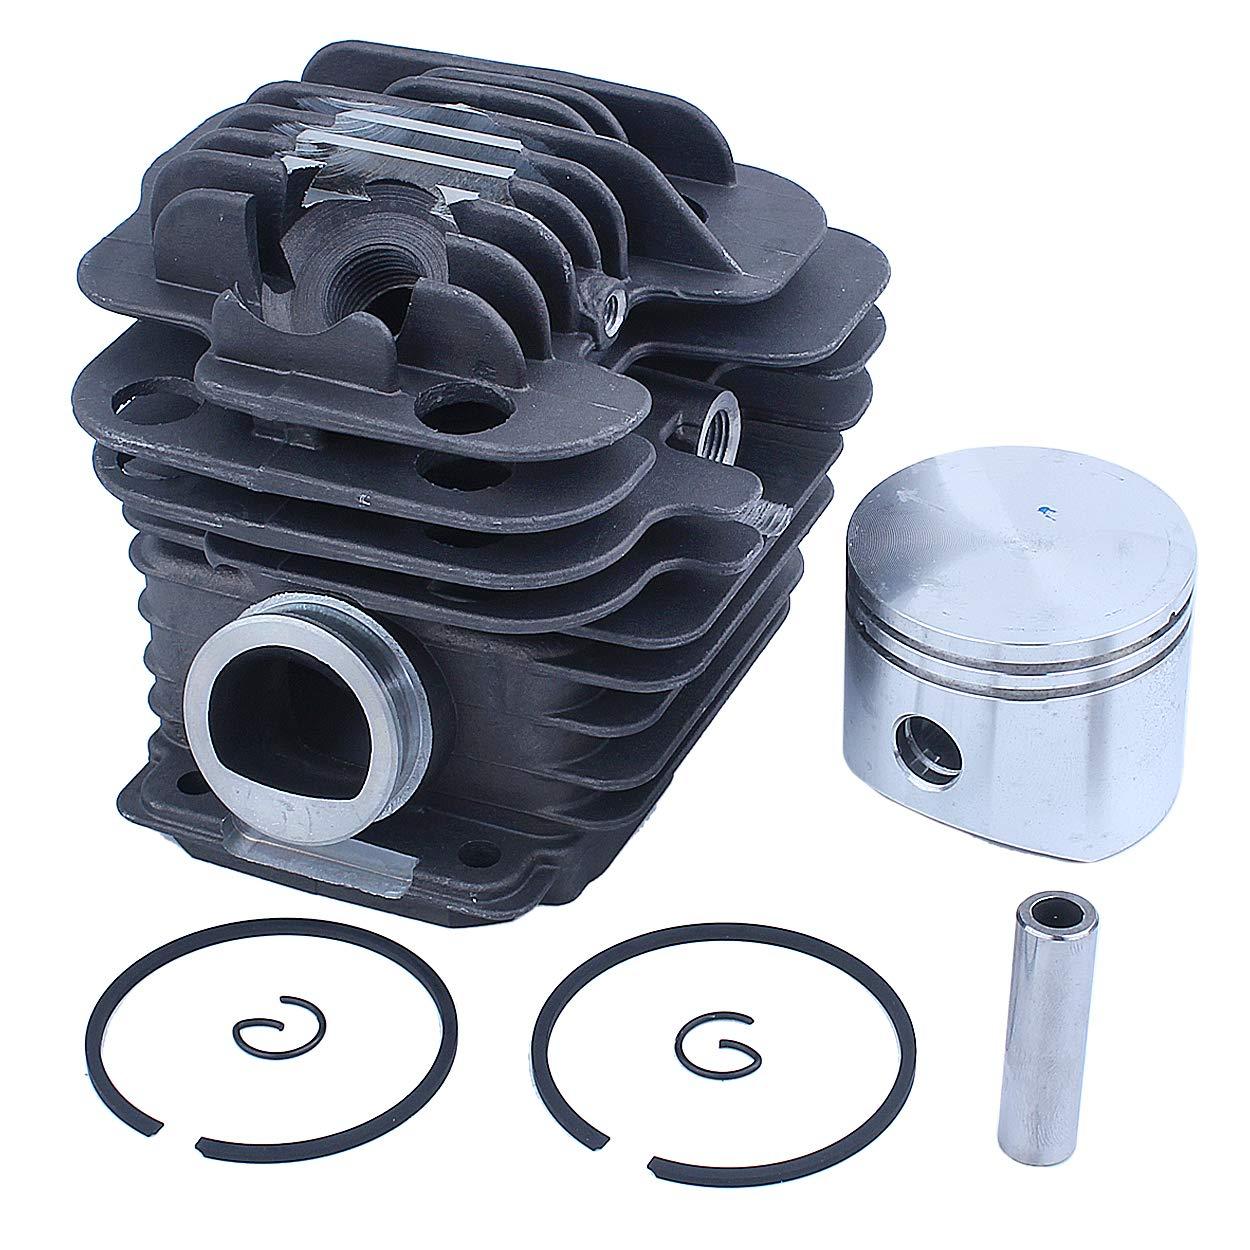 Mtanlo Kit de pistón de cilindro de 45 mm para Oleo-Mac 952 Master Efco 152 PN 50082012E 50082012 50070047a 50082012B